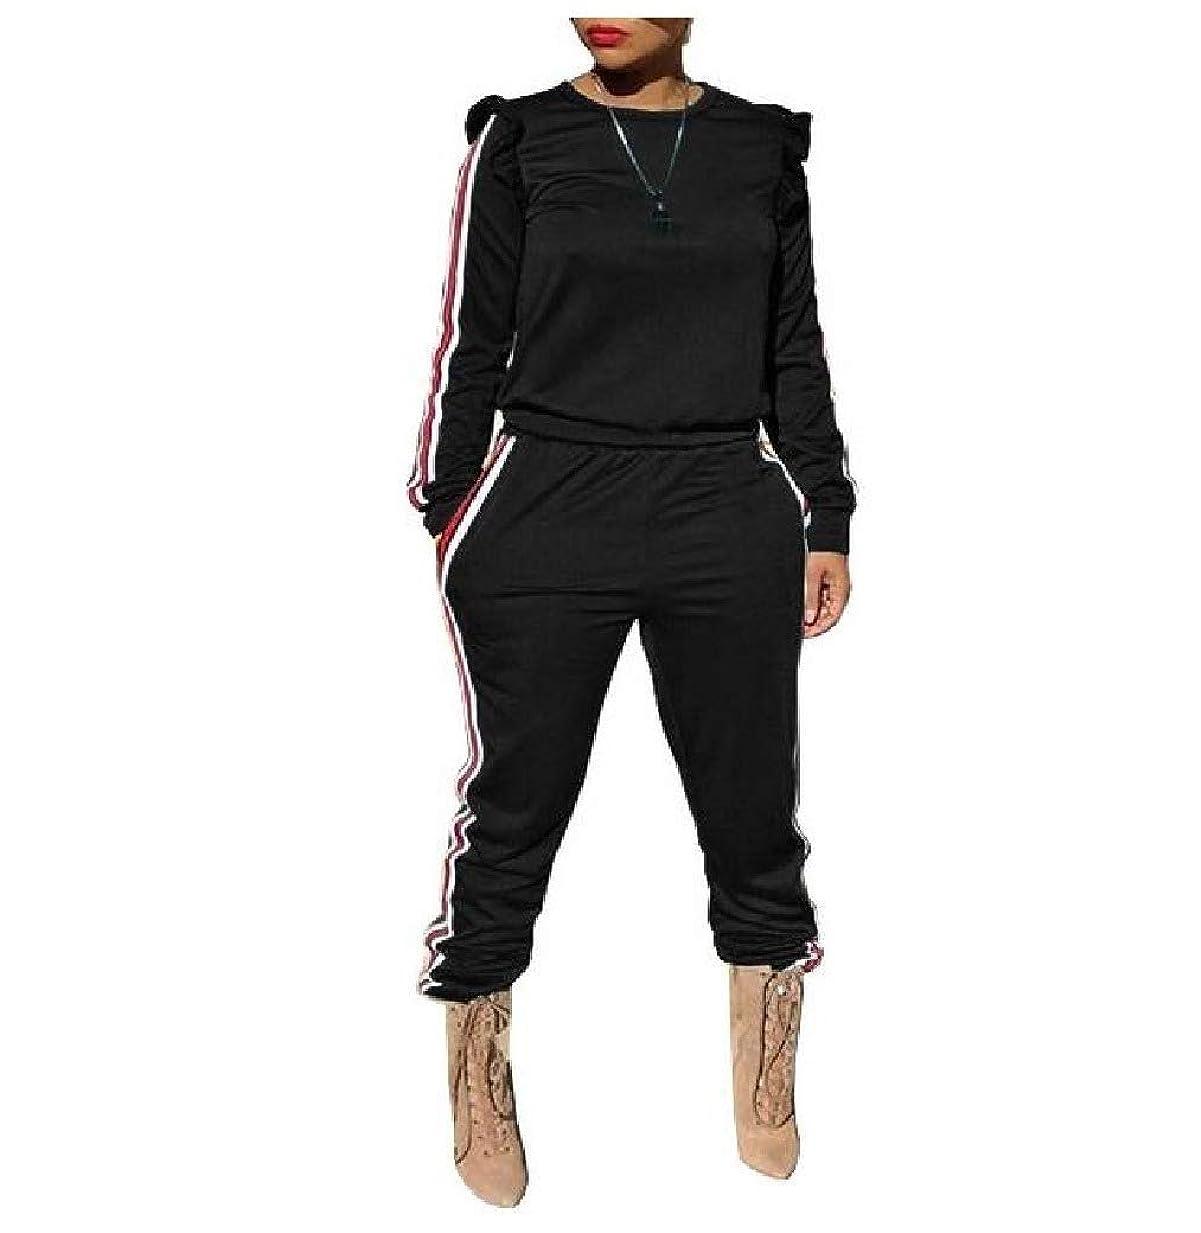 慣れているハーブマルクス主義者Nicellyer 女性カジュアルロングスリーブポケット付きスポーツスーツトラックスーツ